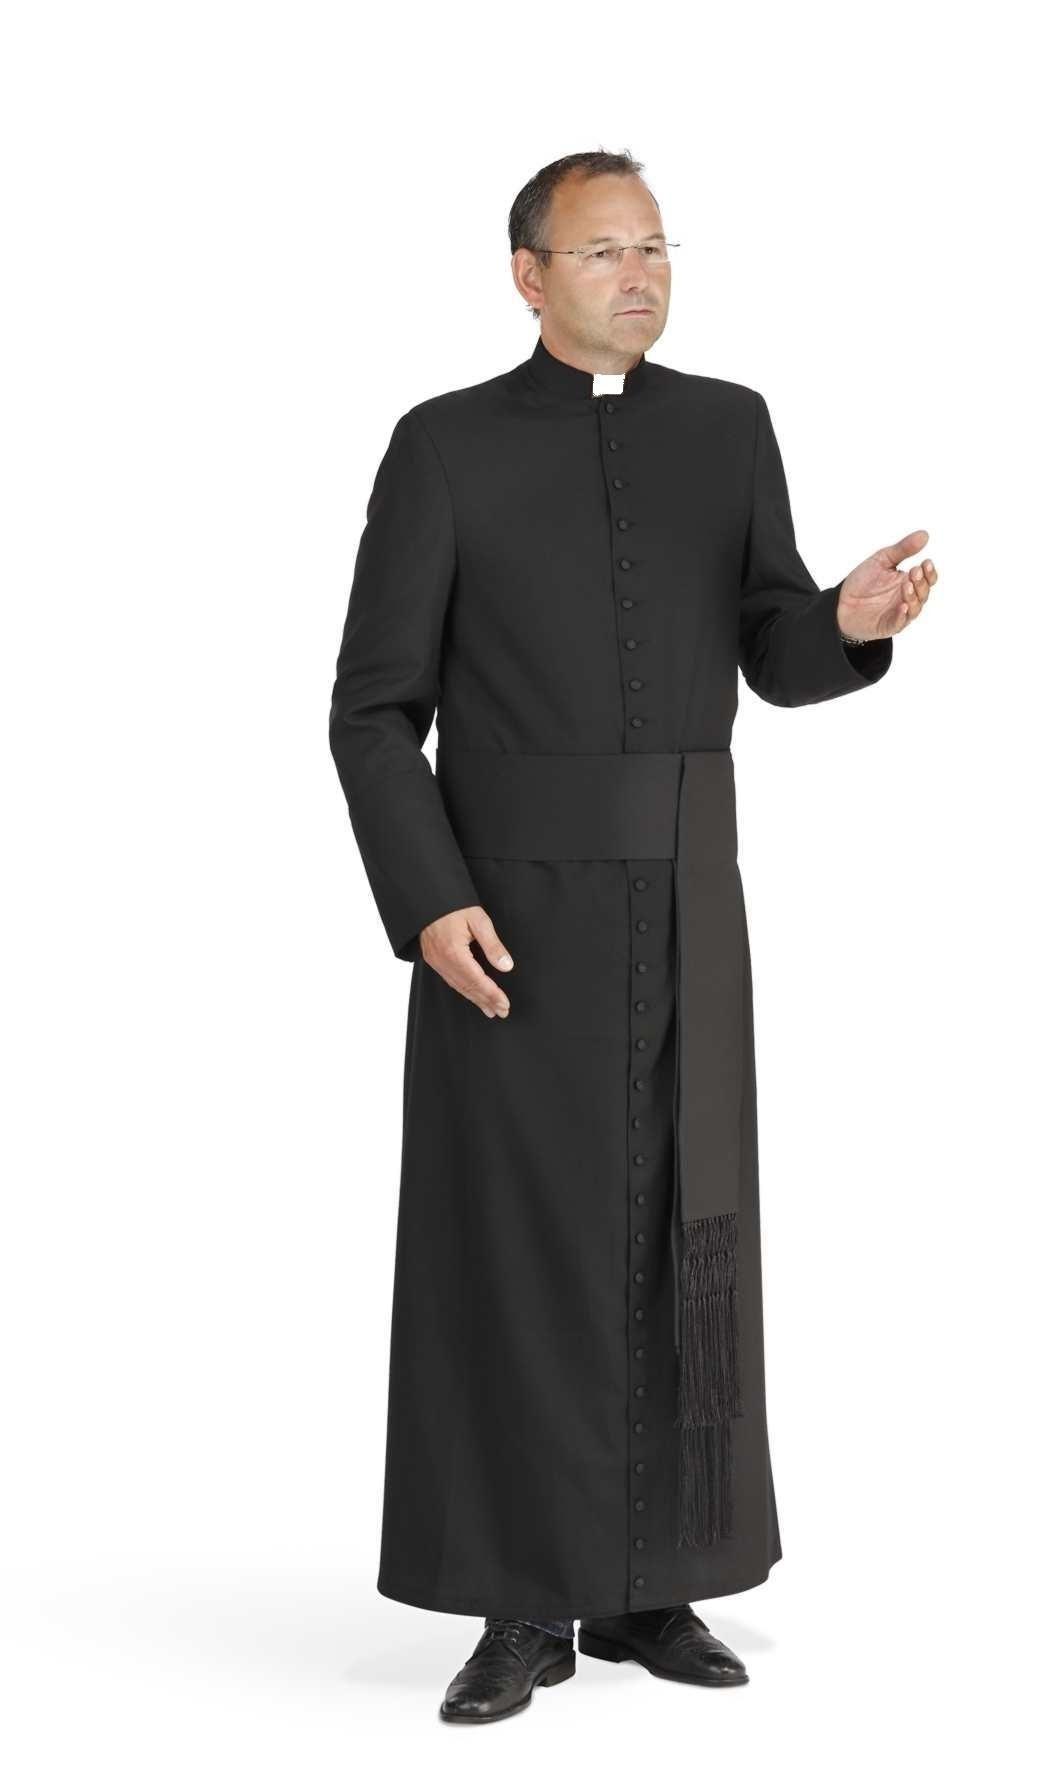 Papin virkapuvun käyttö - Rukous - Usko ja rukous